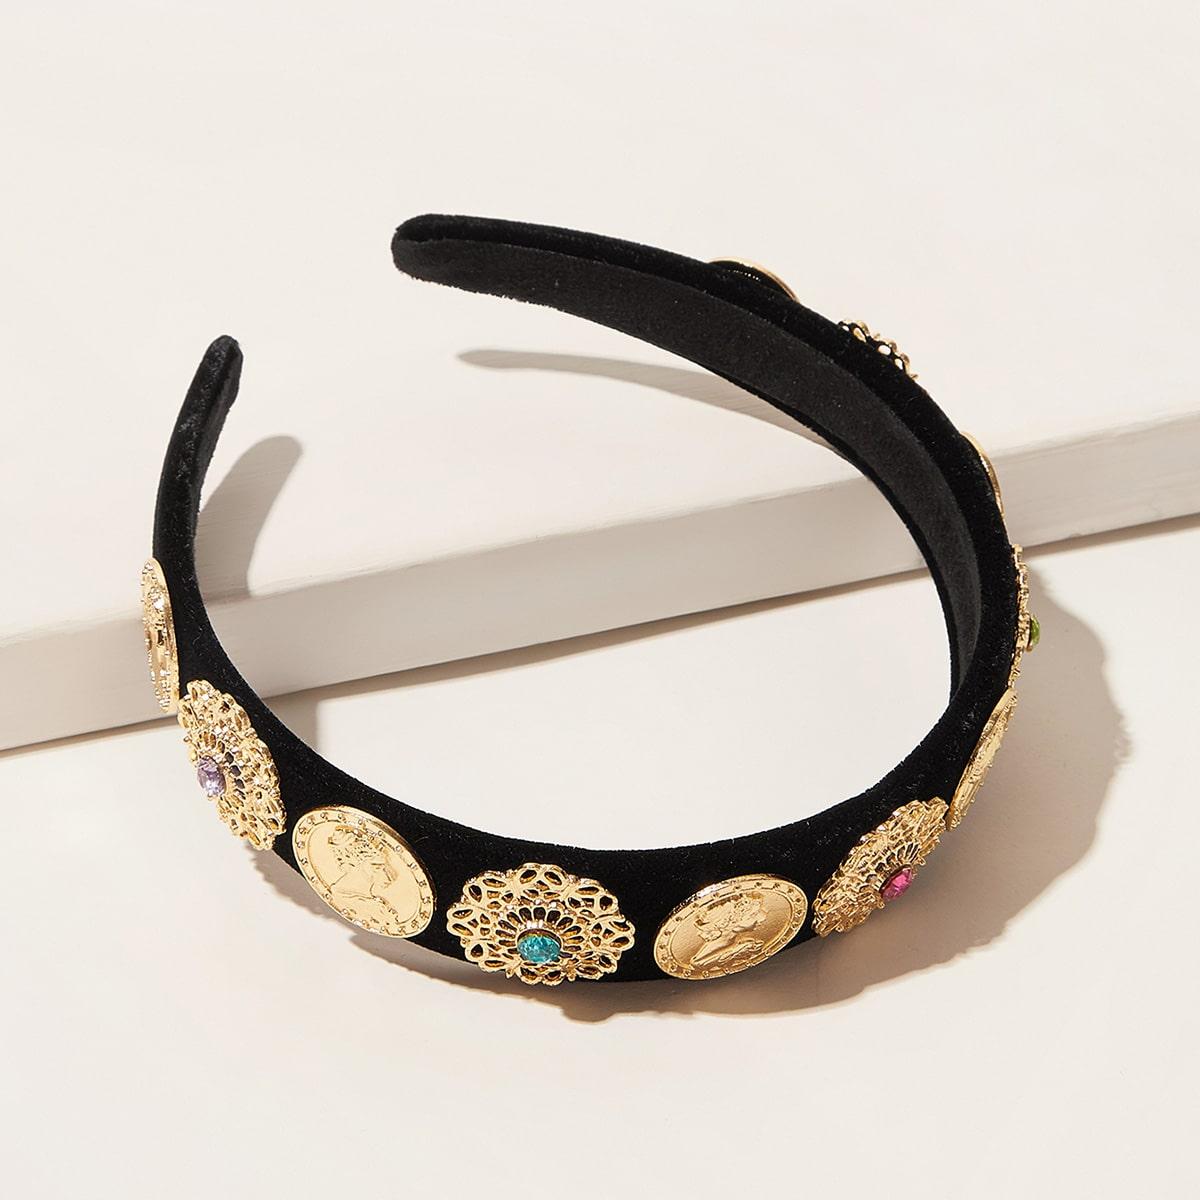 SHEIN / Stirnband mit Höhle und Blume Dekor